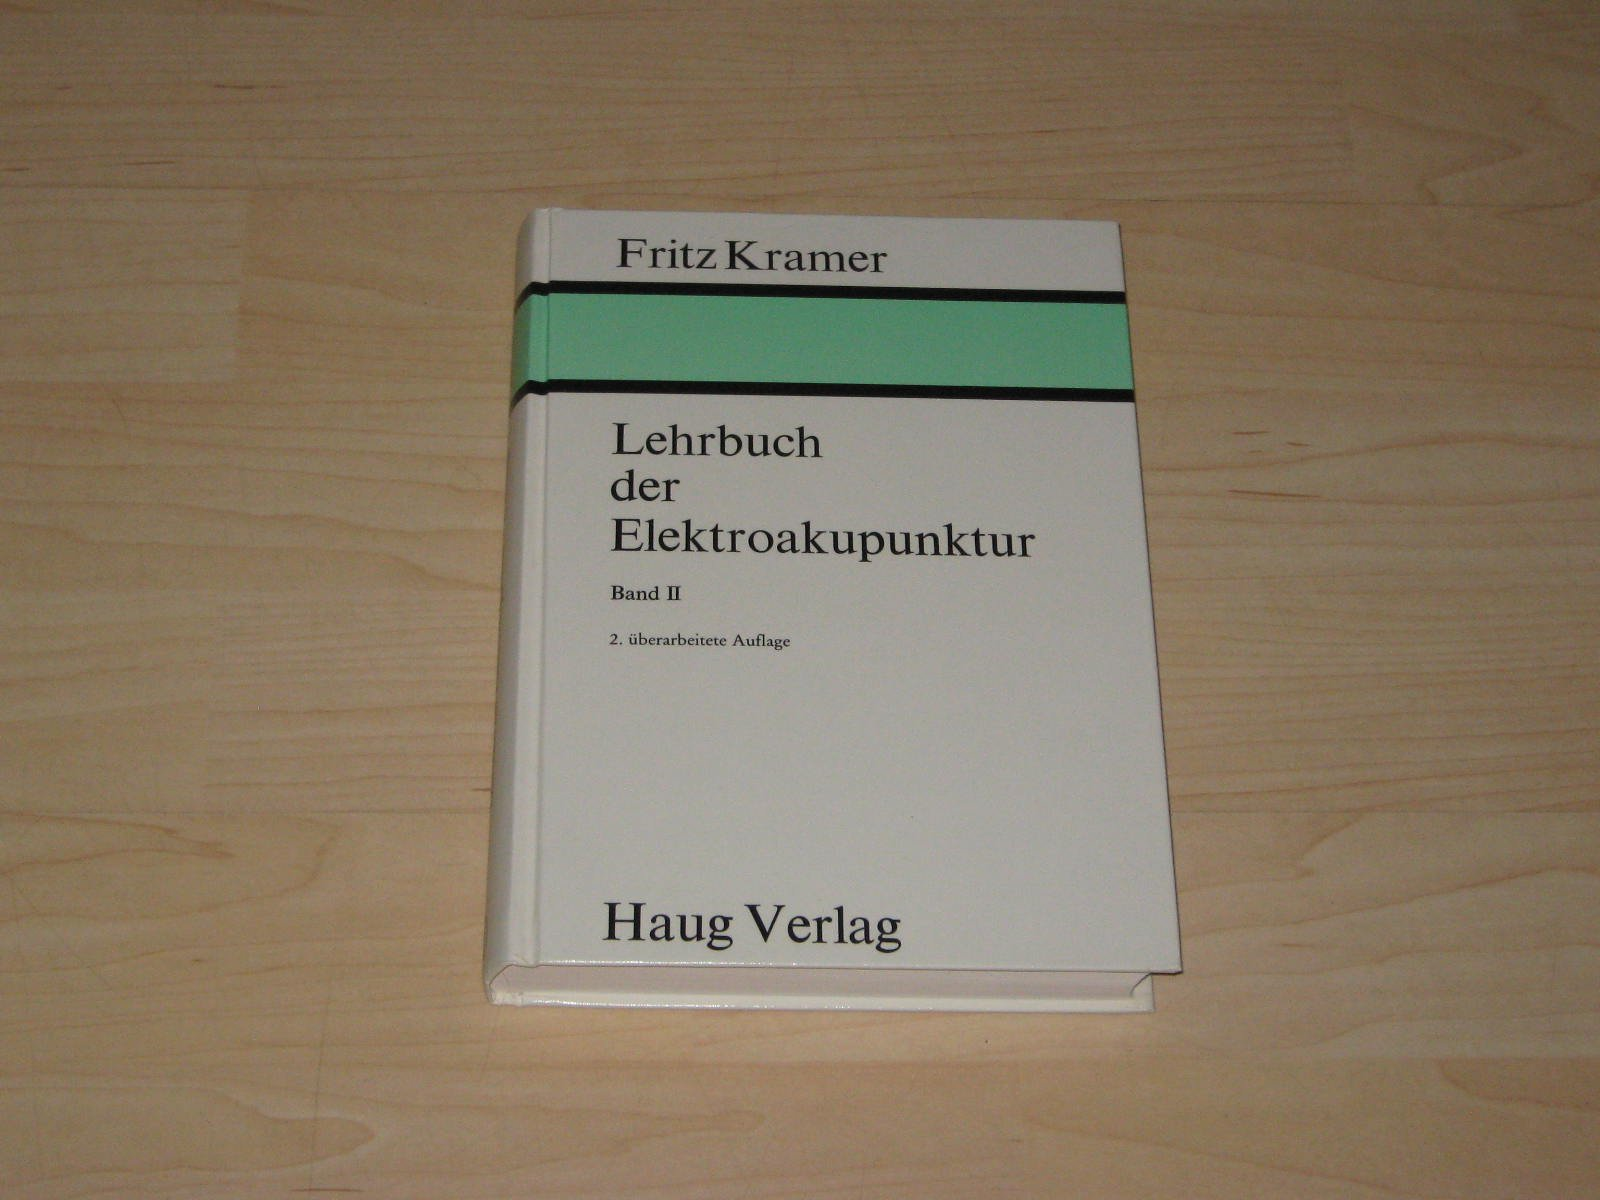 Elektrische Messungen über die Akupunkturpunkte der Haut zur Diagnostik und Medikamentprüfung (Lehrbuch der Elektroakupunktur, Band 2) Gebundenes Buch – 1986 Fritz Kramer Haug 3776008164 Gesundheit